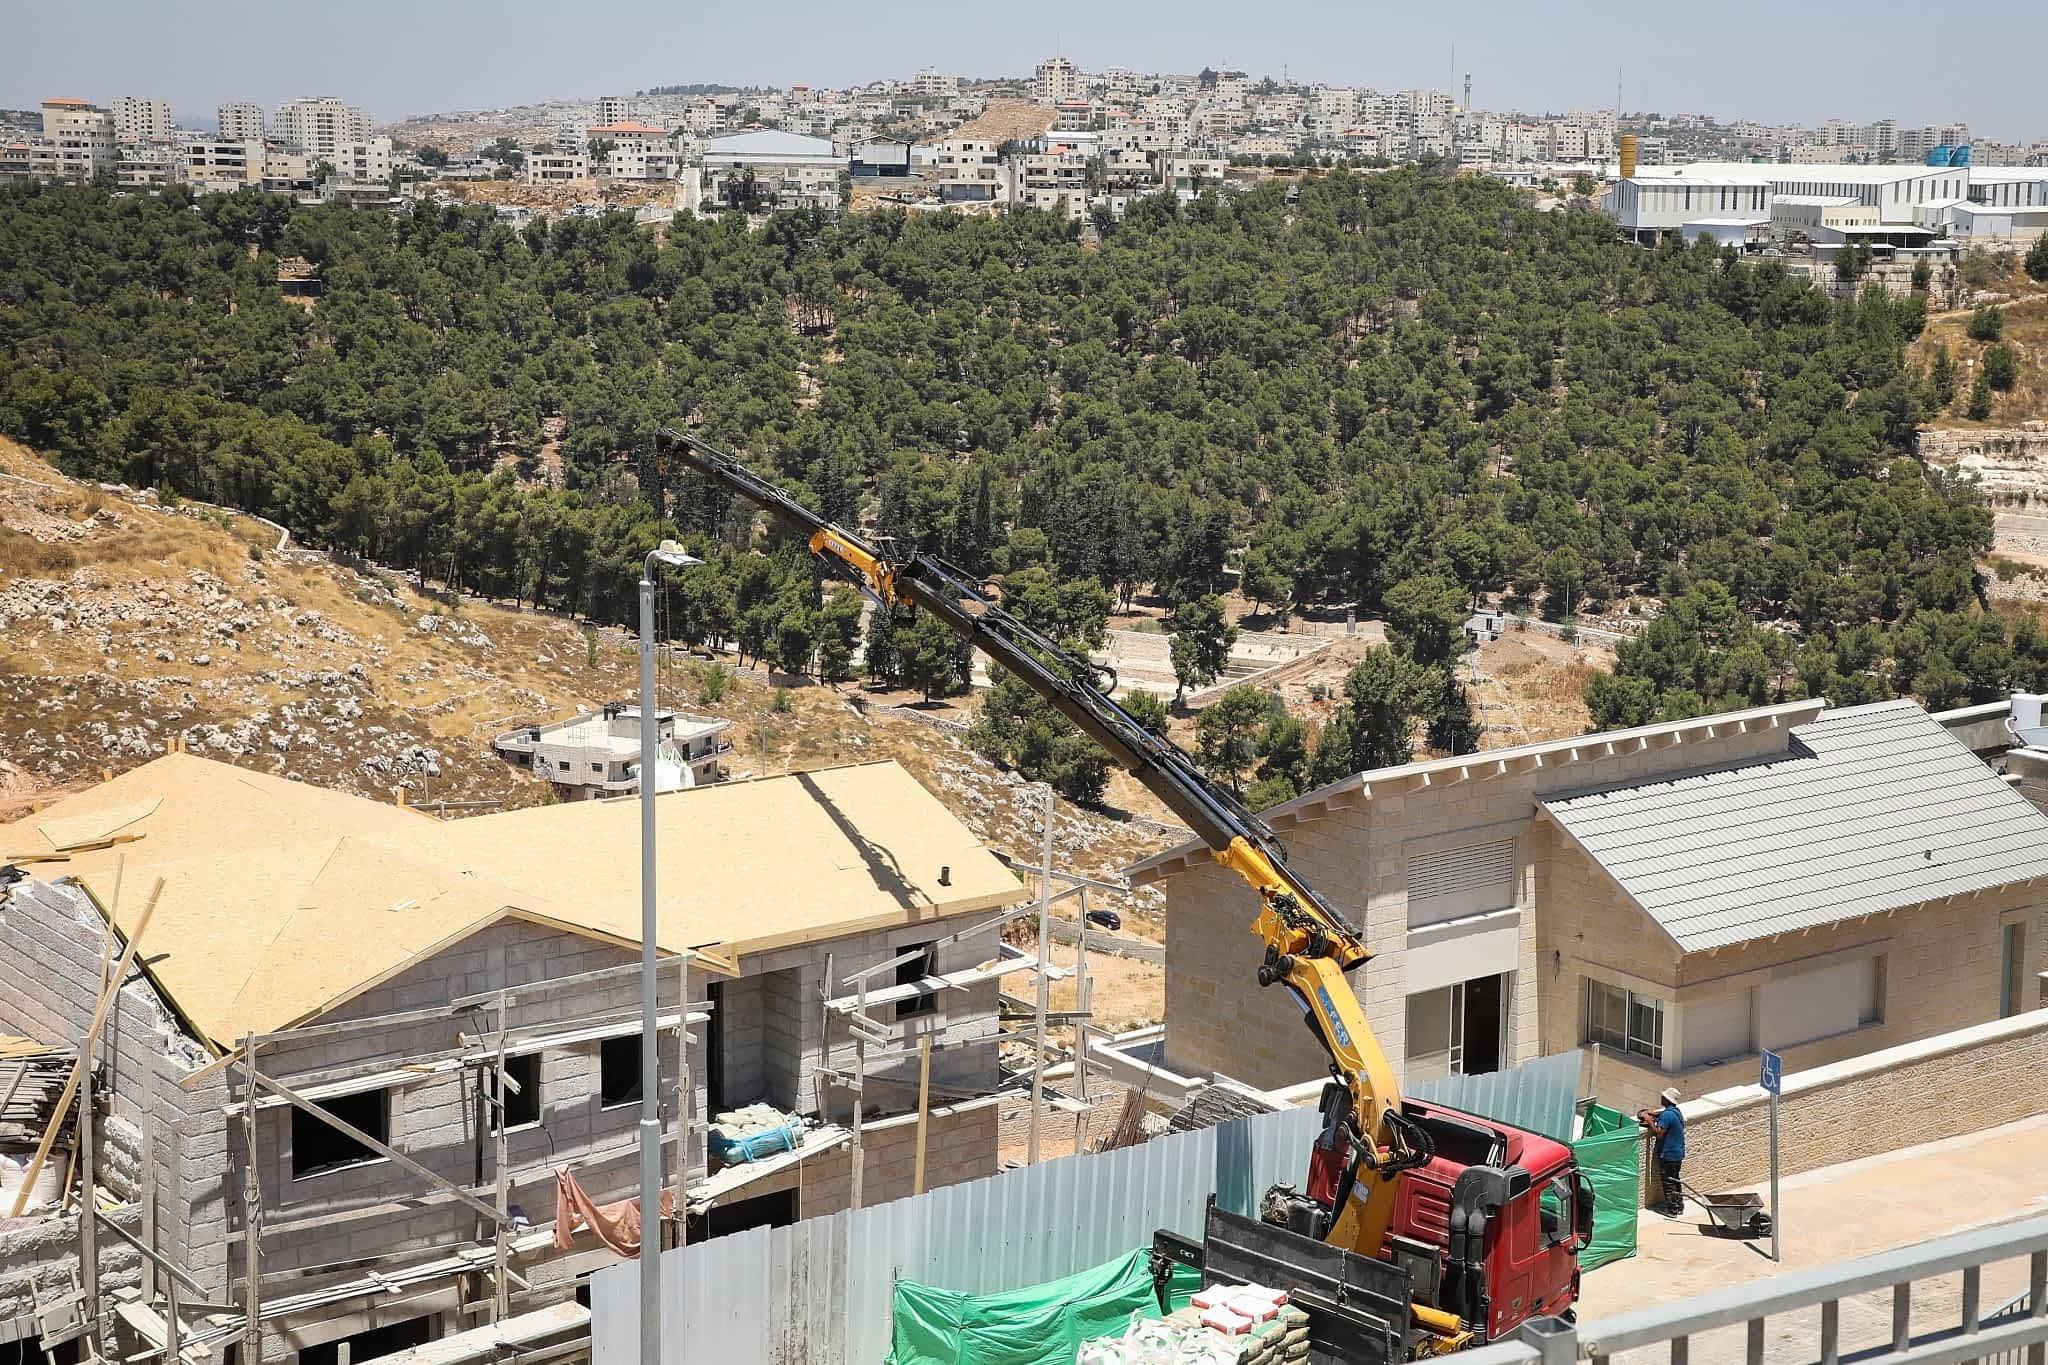 поселение израиль фото